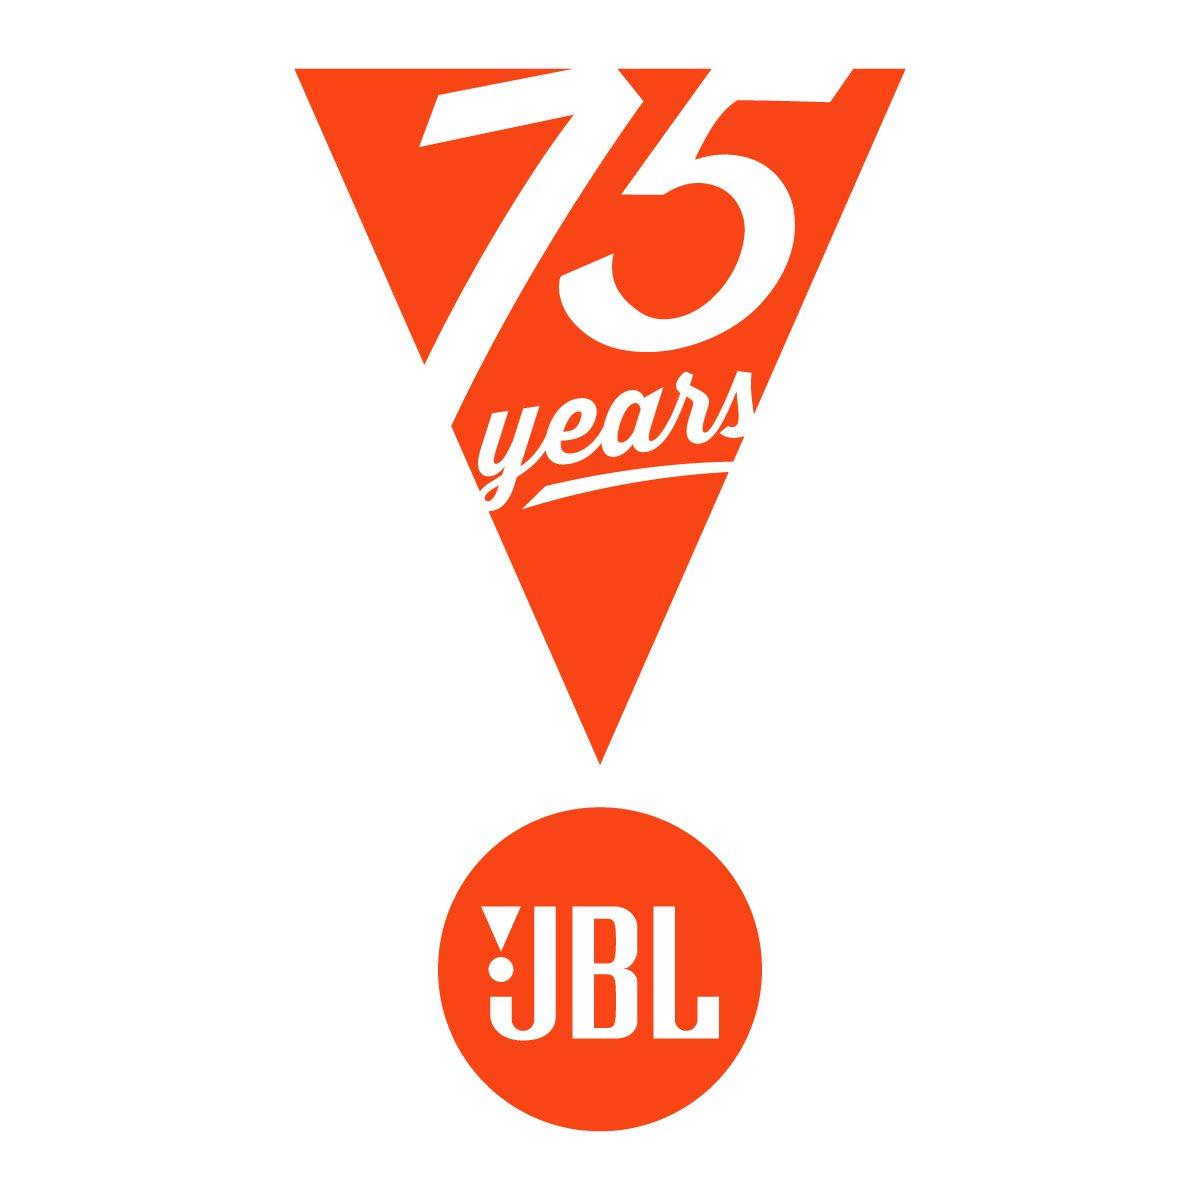 JBL 75 Years